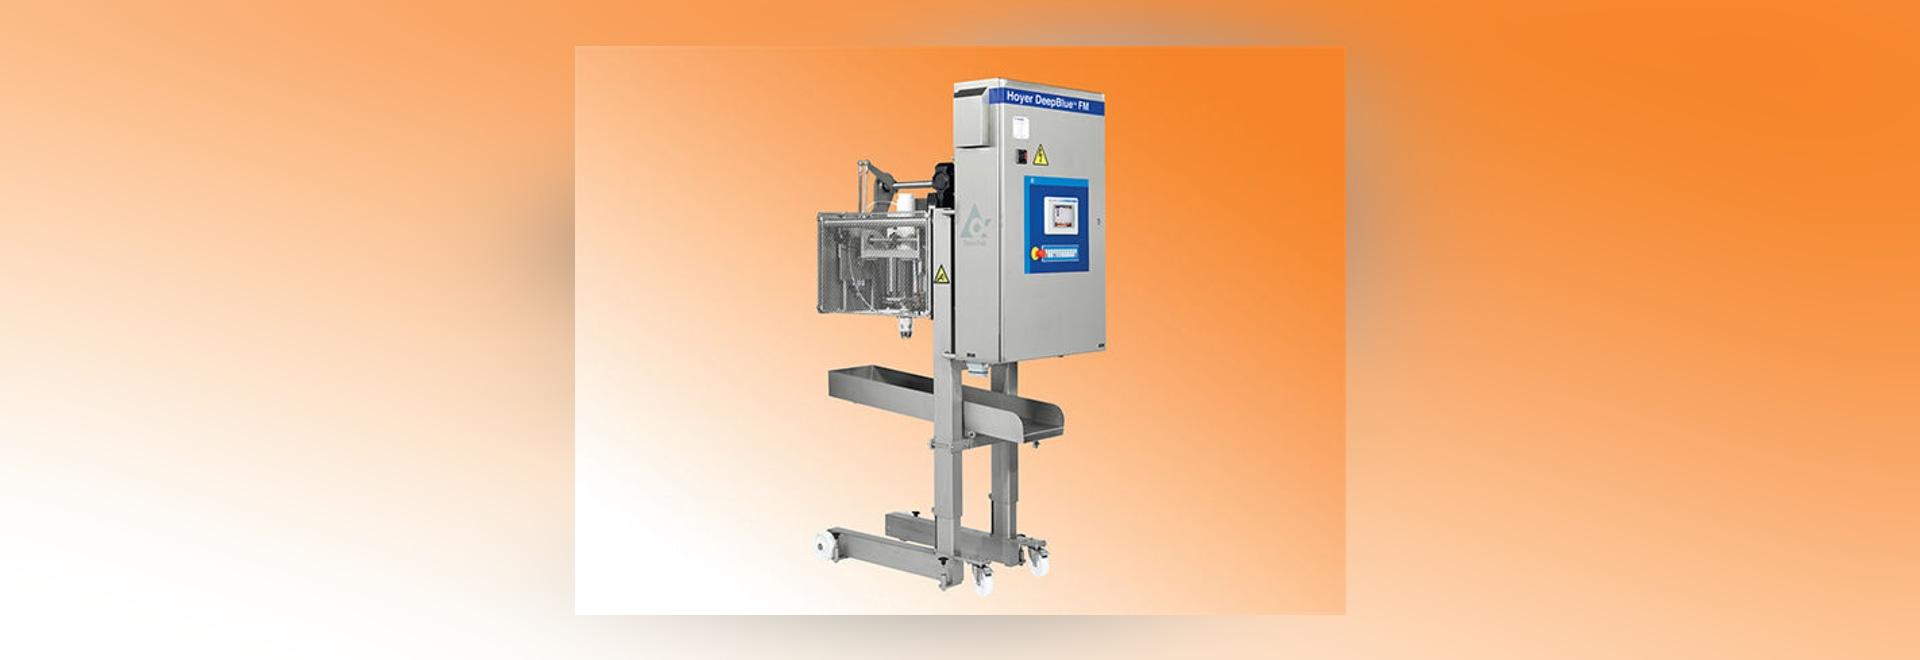 NOUVEAUTÉ : machine de remplissage flexible by Tetra Pak